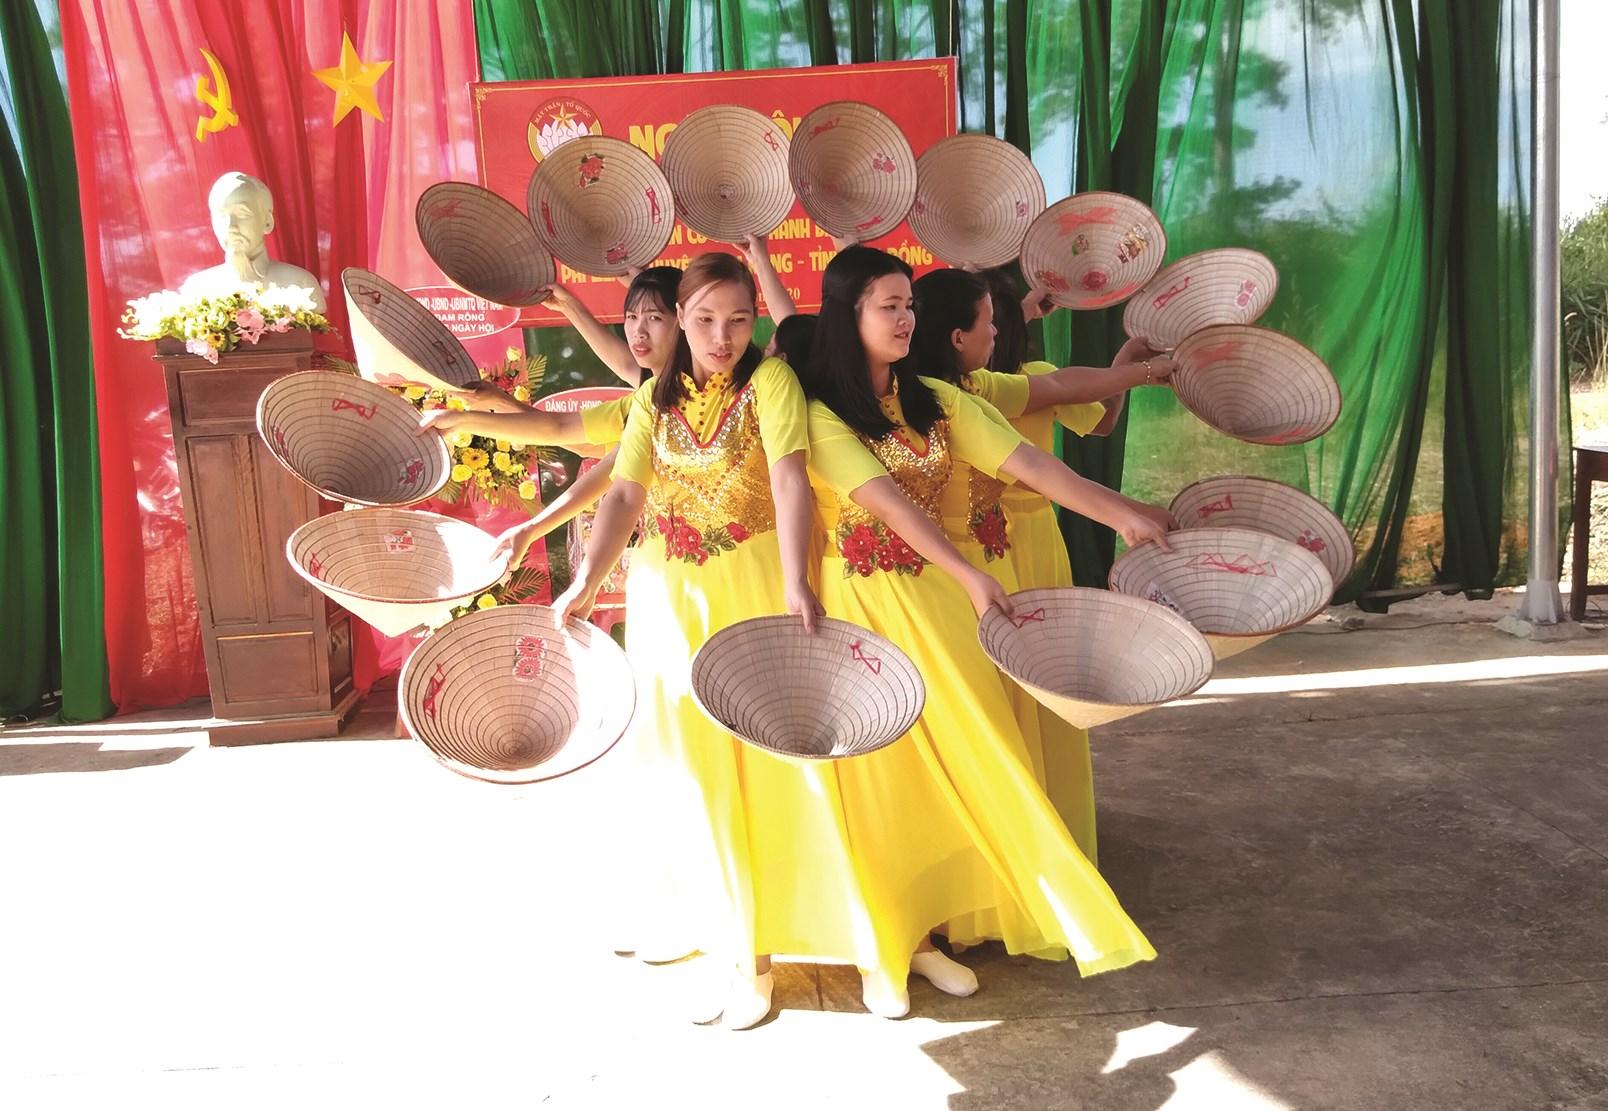 Các tiết mục văn nghệ của Nhân dân thôn Thanh Bình, xã Phi Liêng, huyện Đam Rông trong ngày hội đại đoàn kết dân tộc.